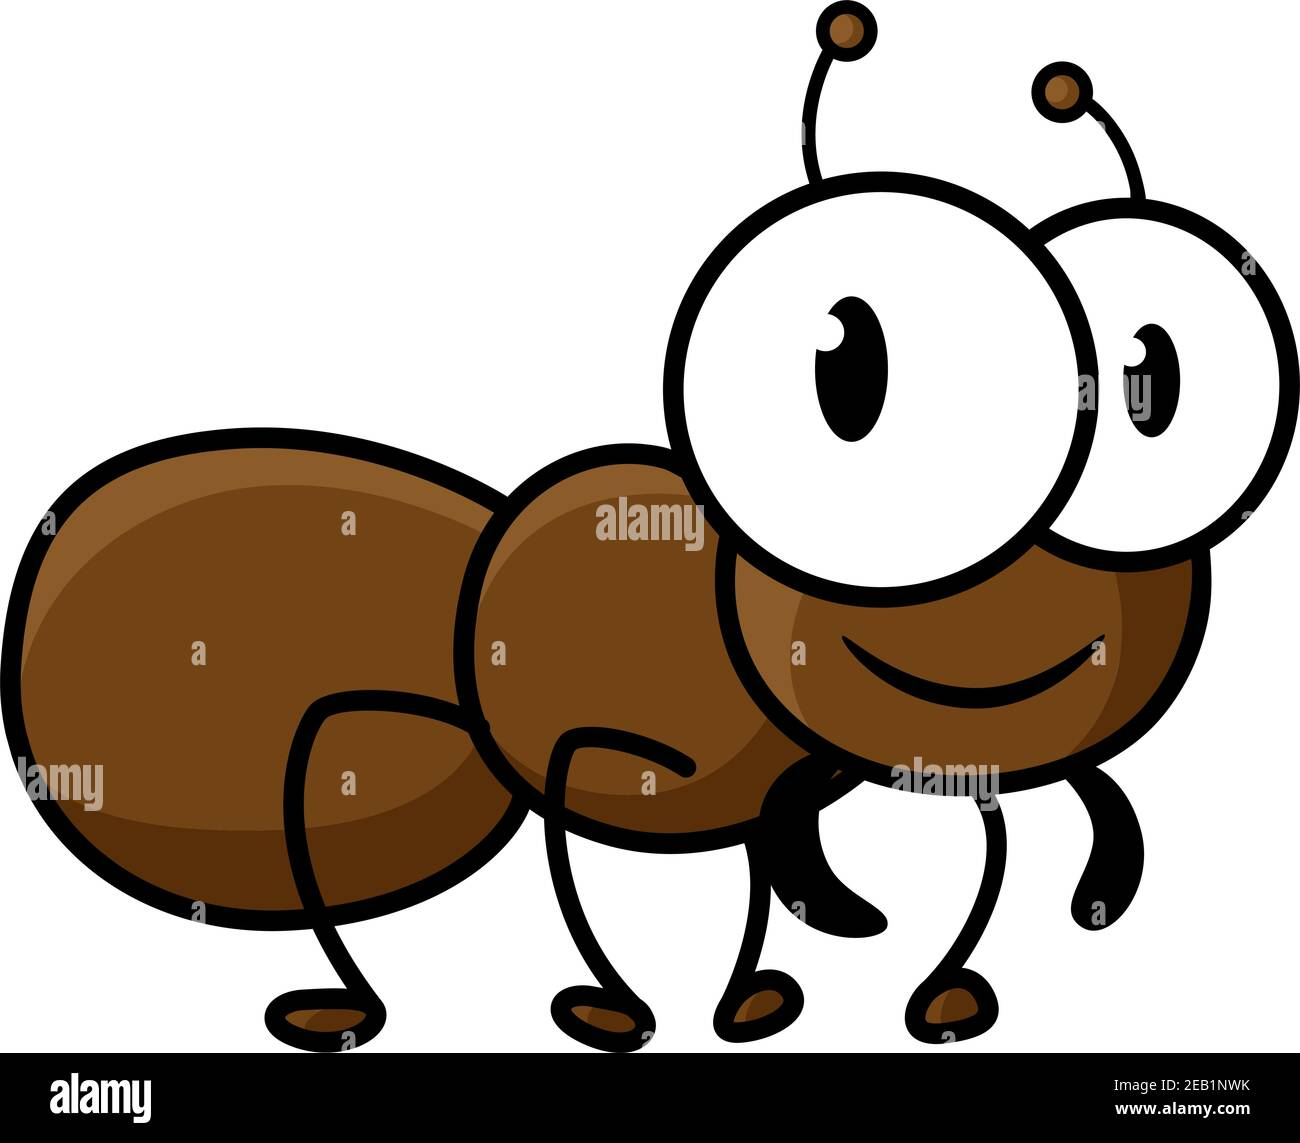 Lindo y pequeño personaje de dibujos animados de hormiga marrón con graciosas piernas cortas y antenas aisladas sobre fondo blanco para el diseño de decoración infantil Ilustración del Vector